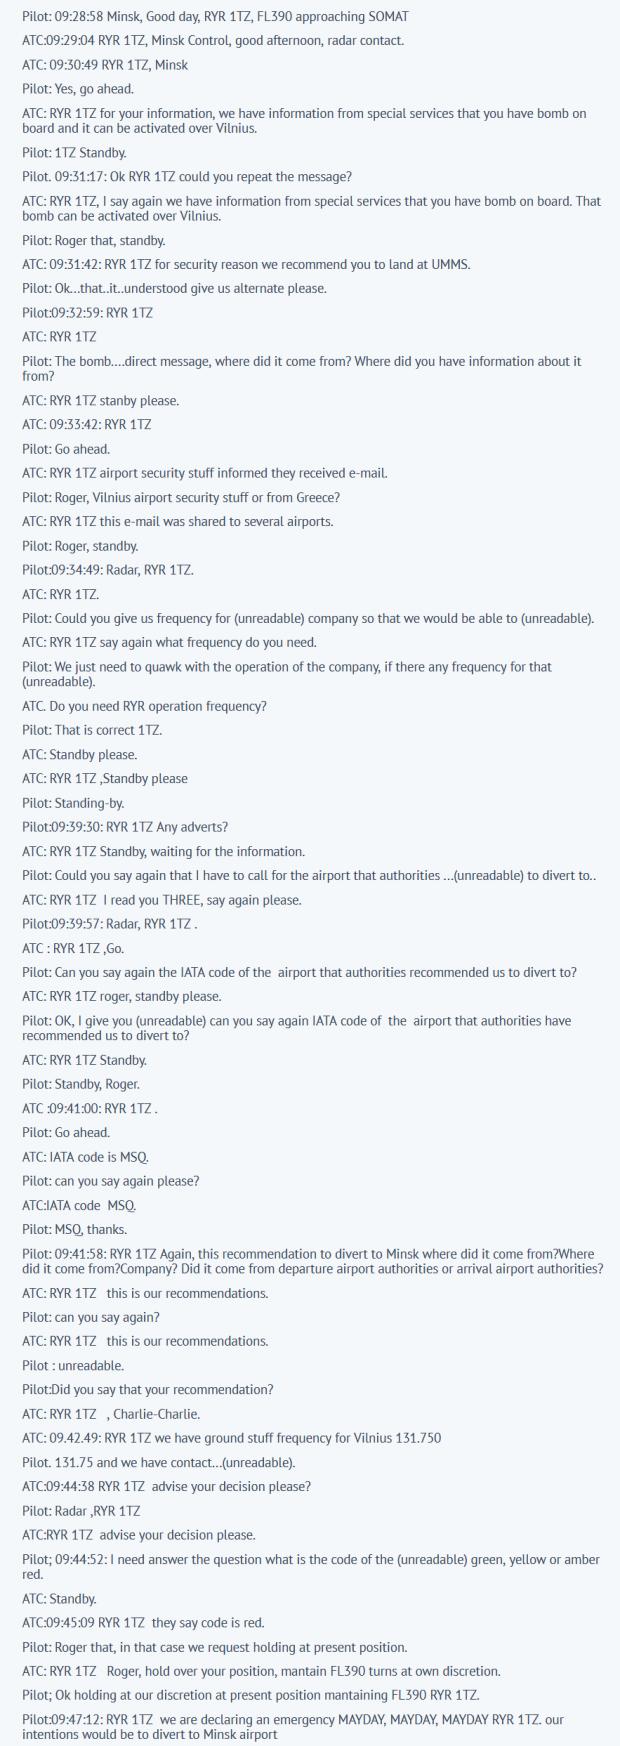 Transcription de la discussion entre l'aiguilleur bi